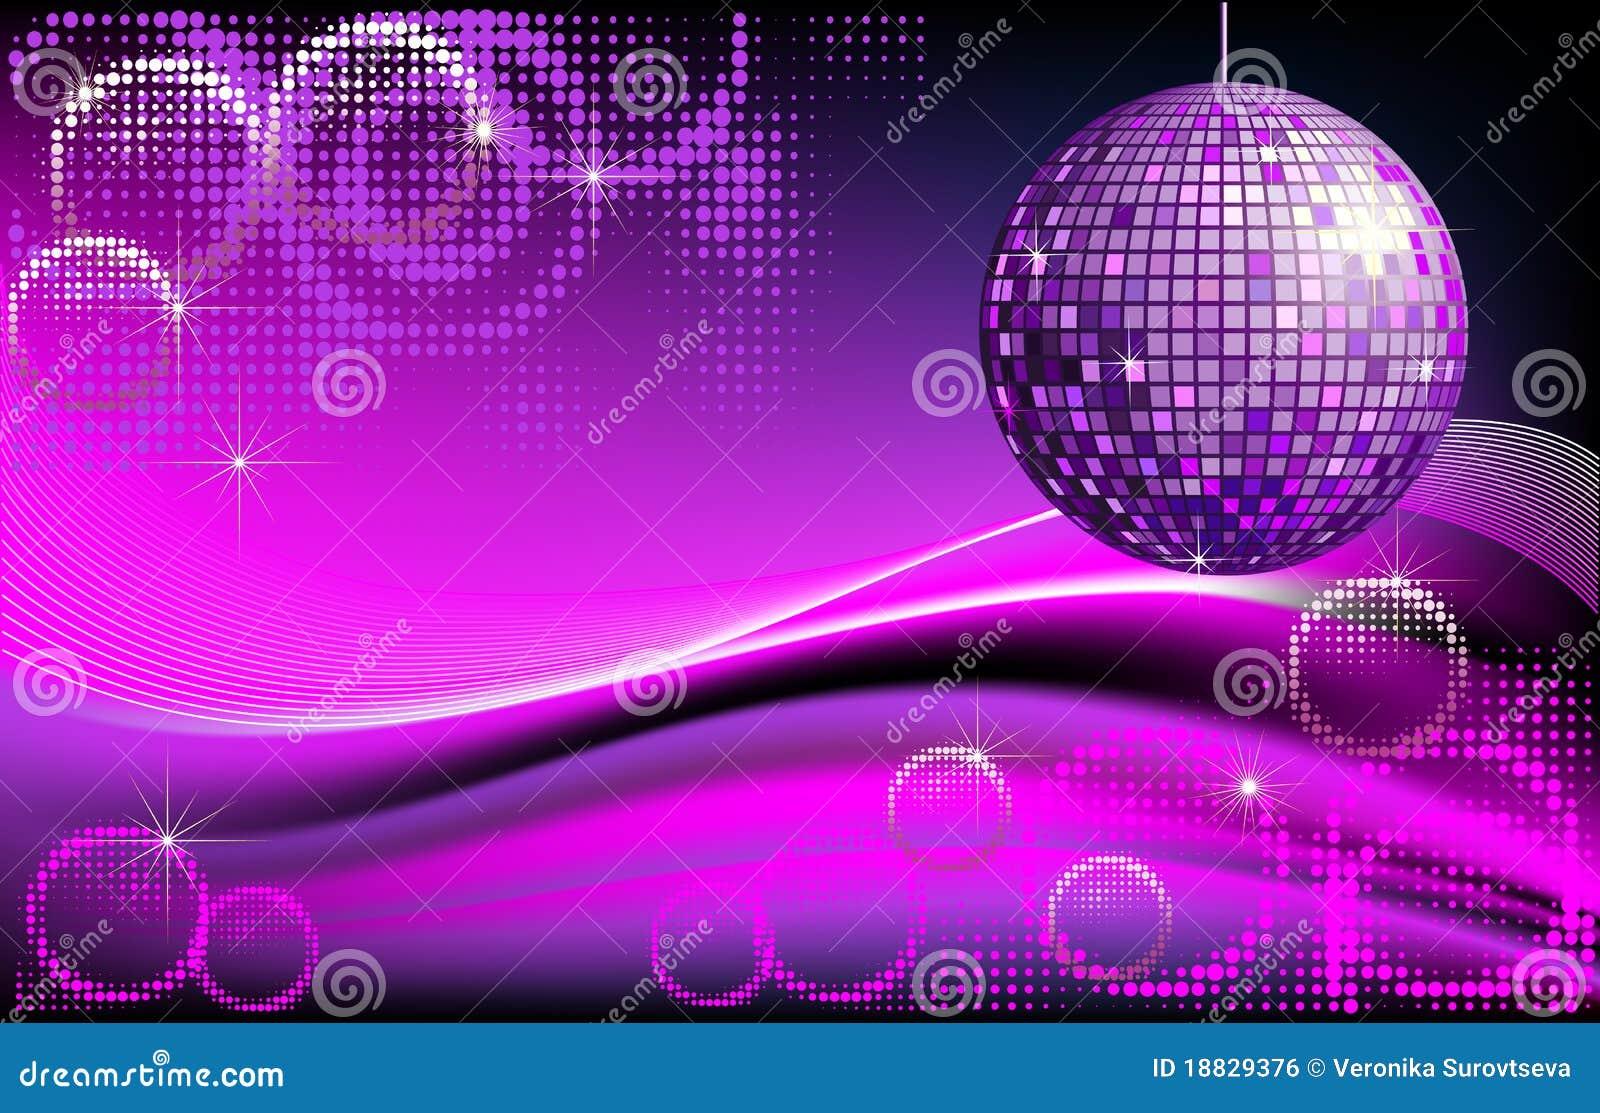 Fondo de la disco bola ilustraci n del vector imagen de - Bola de discoteca de colores ...